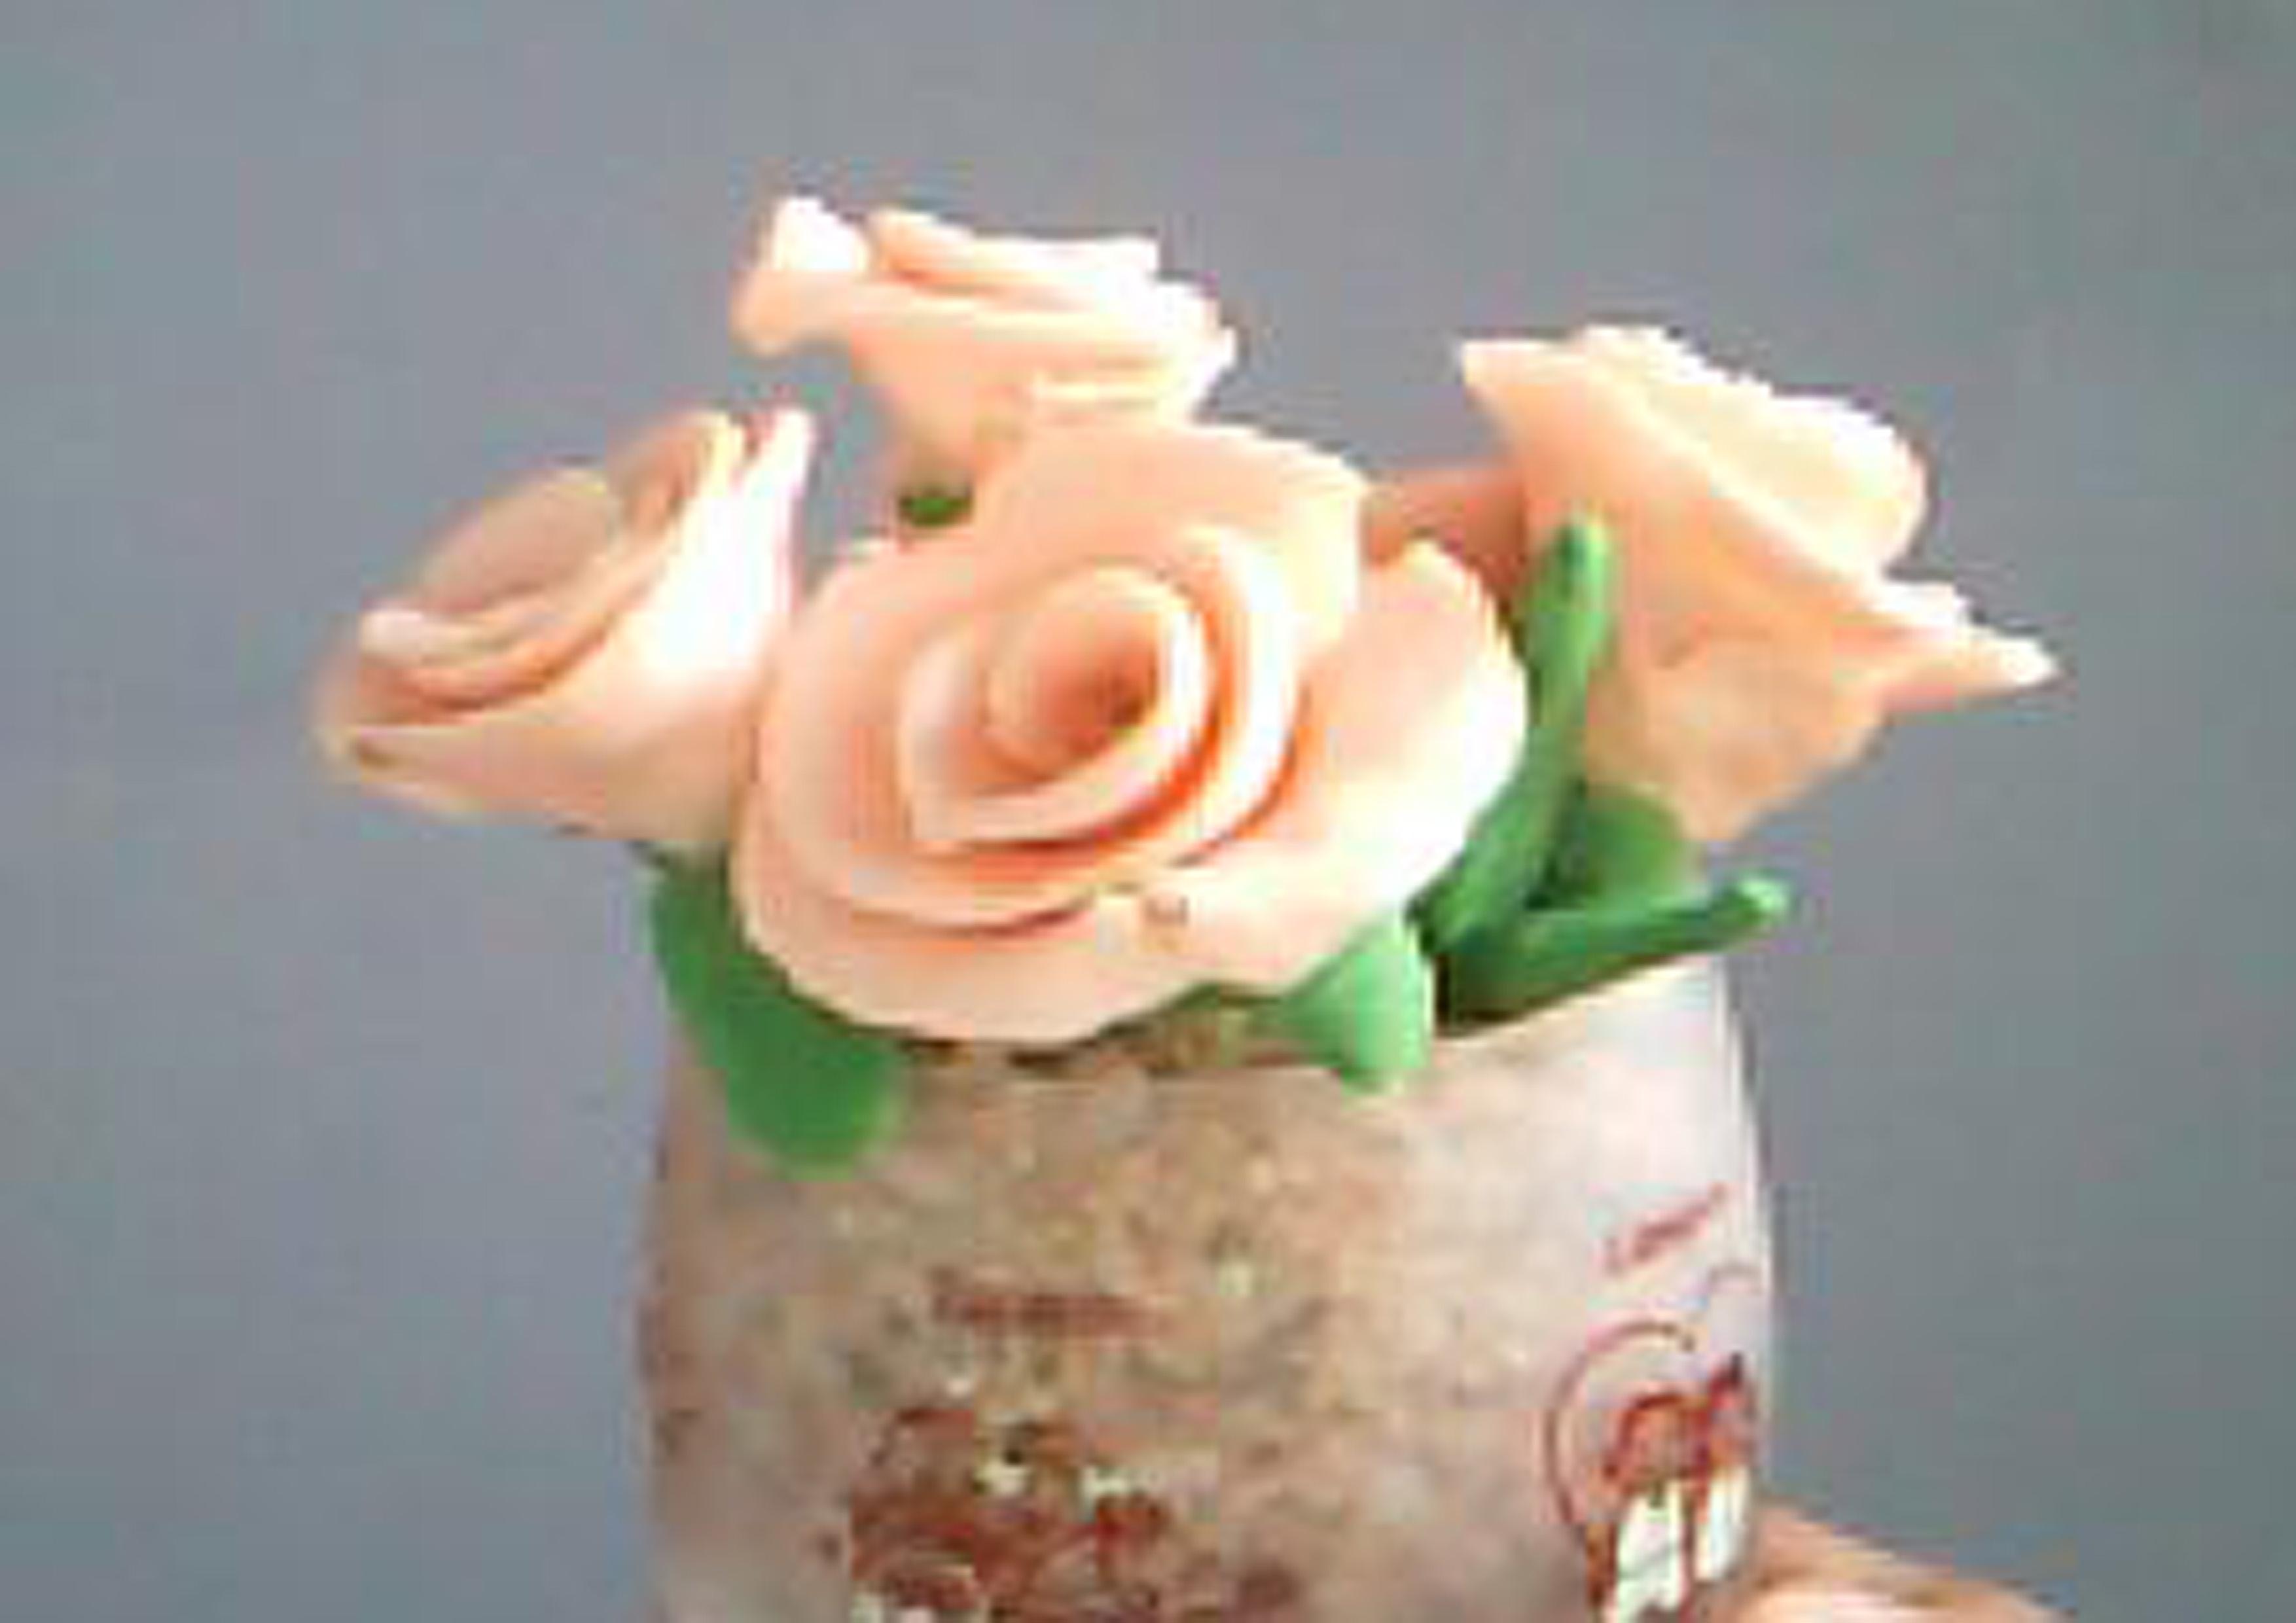 Alhamdulillah, akhirnya tercapai juga keinginan membuat bunga sabun